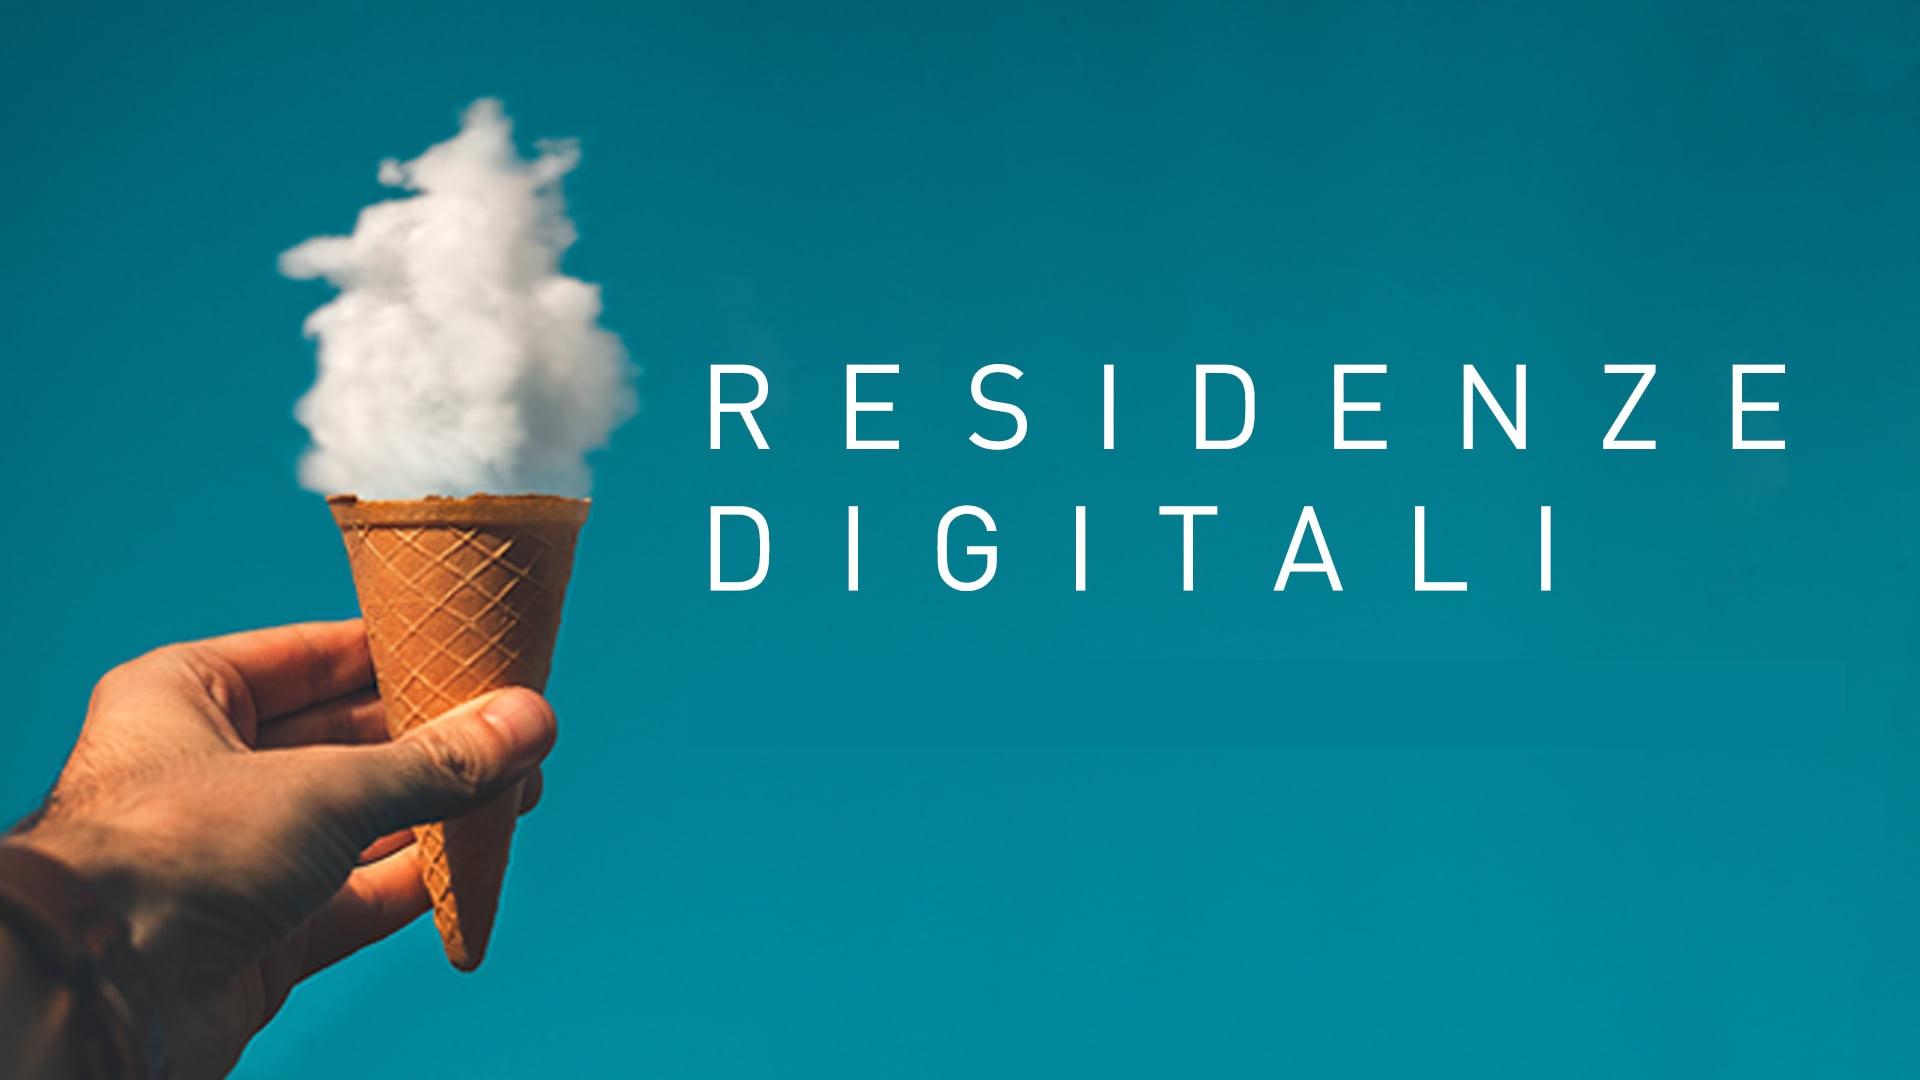 Residenze Digitali, due progetti marchigiani tra i sette vincitori